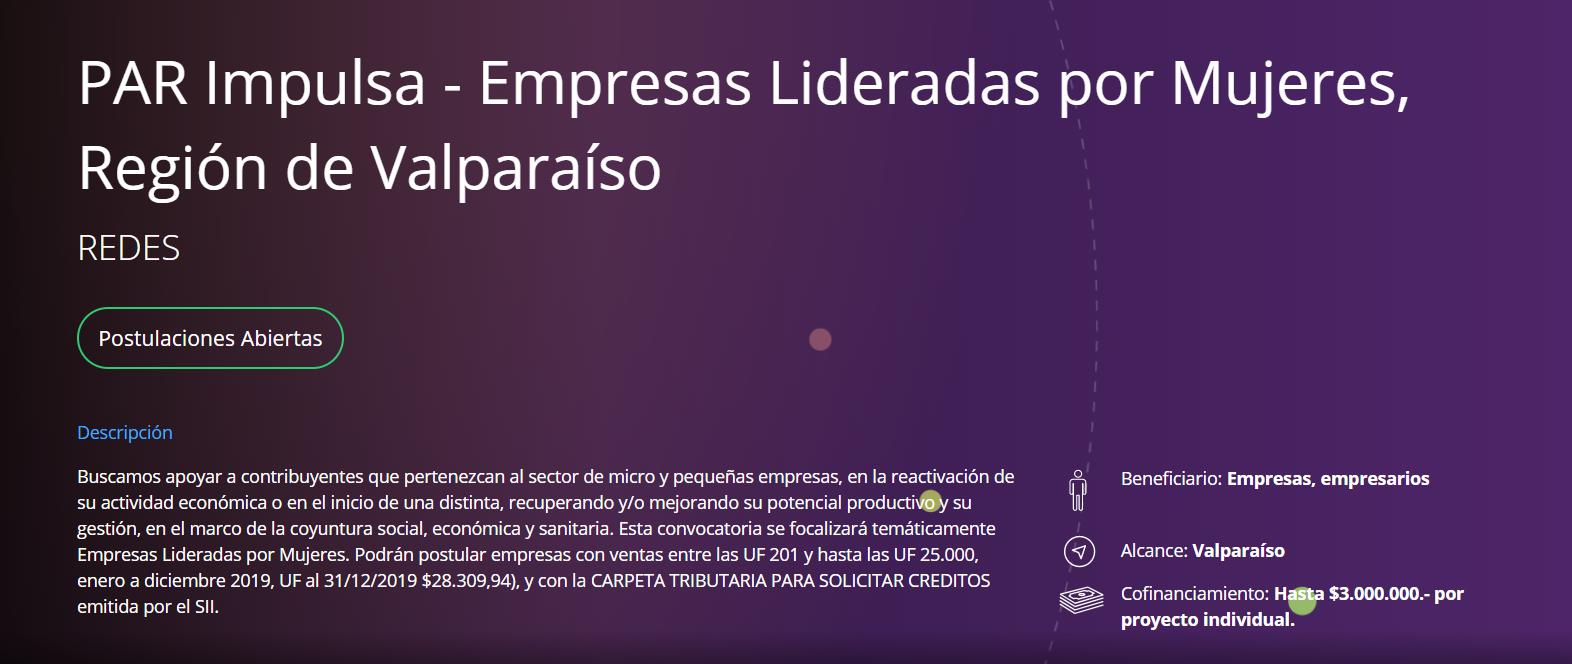 Se abre la Convocatoria PAR IMPULSA, con enfoque de género para la provincia de Valparaíso, averigua los requisitos de esta oportunidad que cierra este miércoles 2 de diciembre a las 15:00 horas.